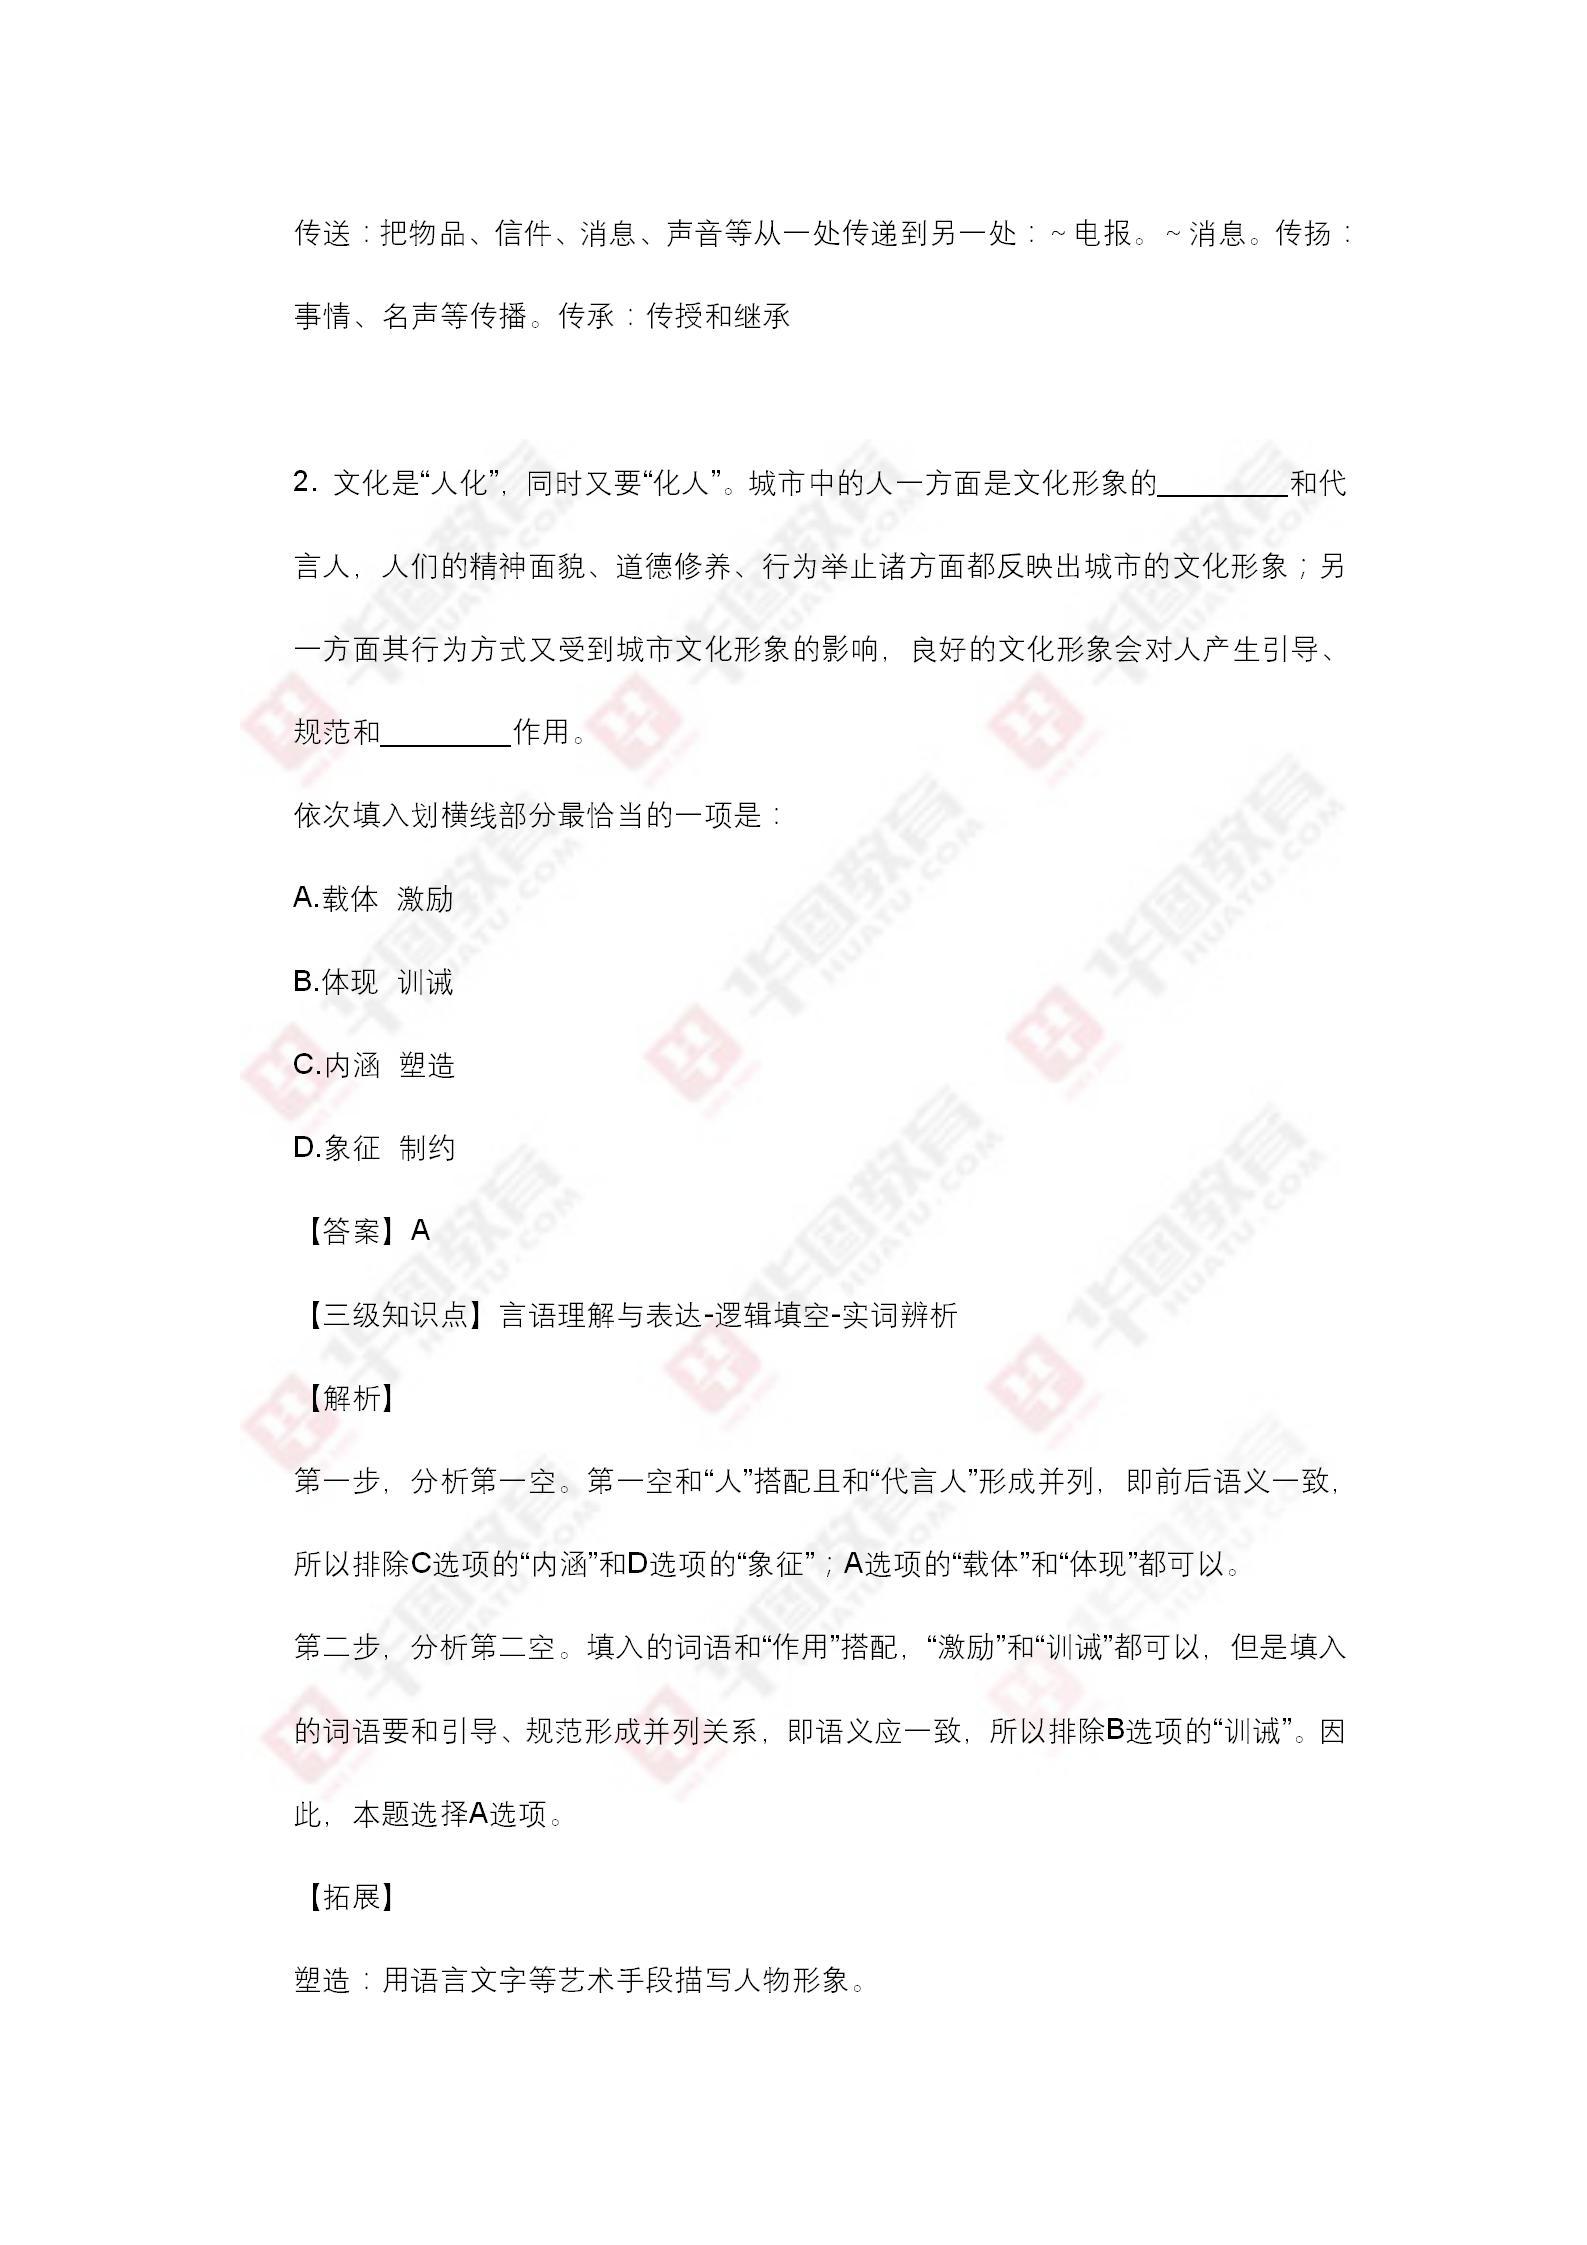 2020河南选调生考试考题及答案解析